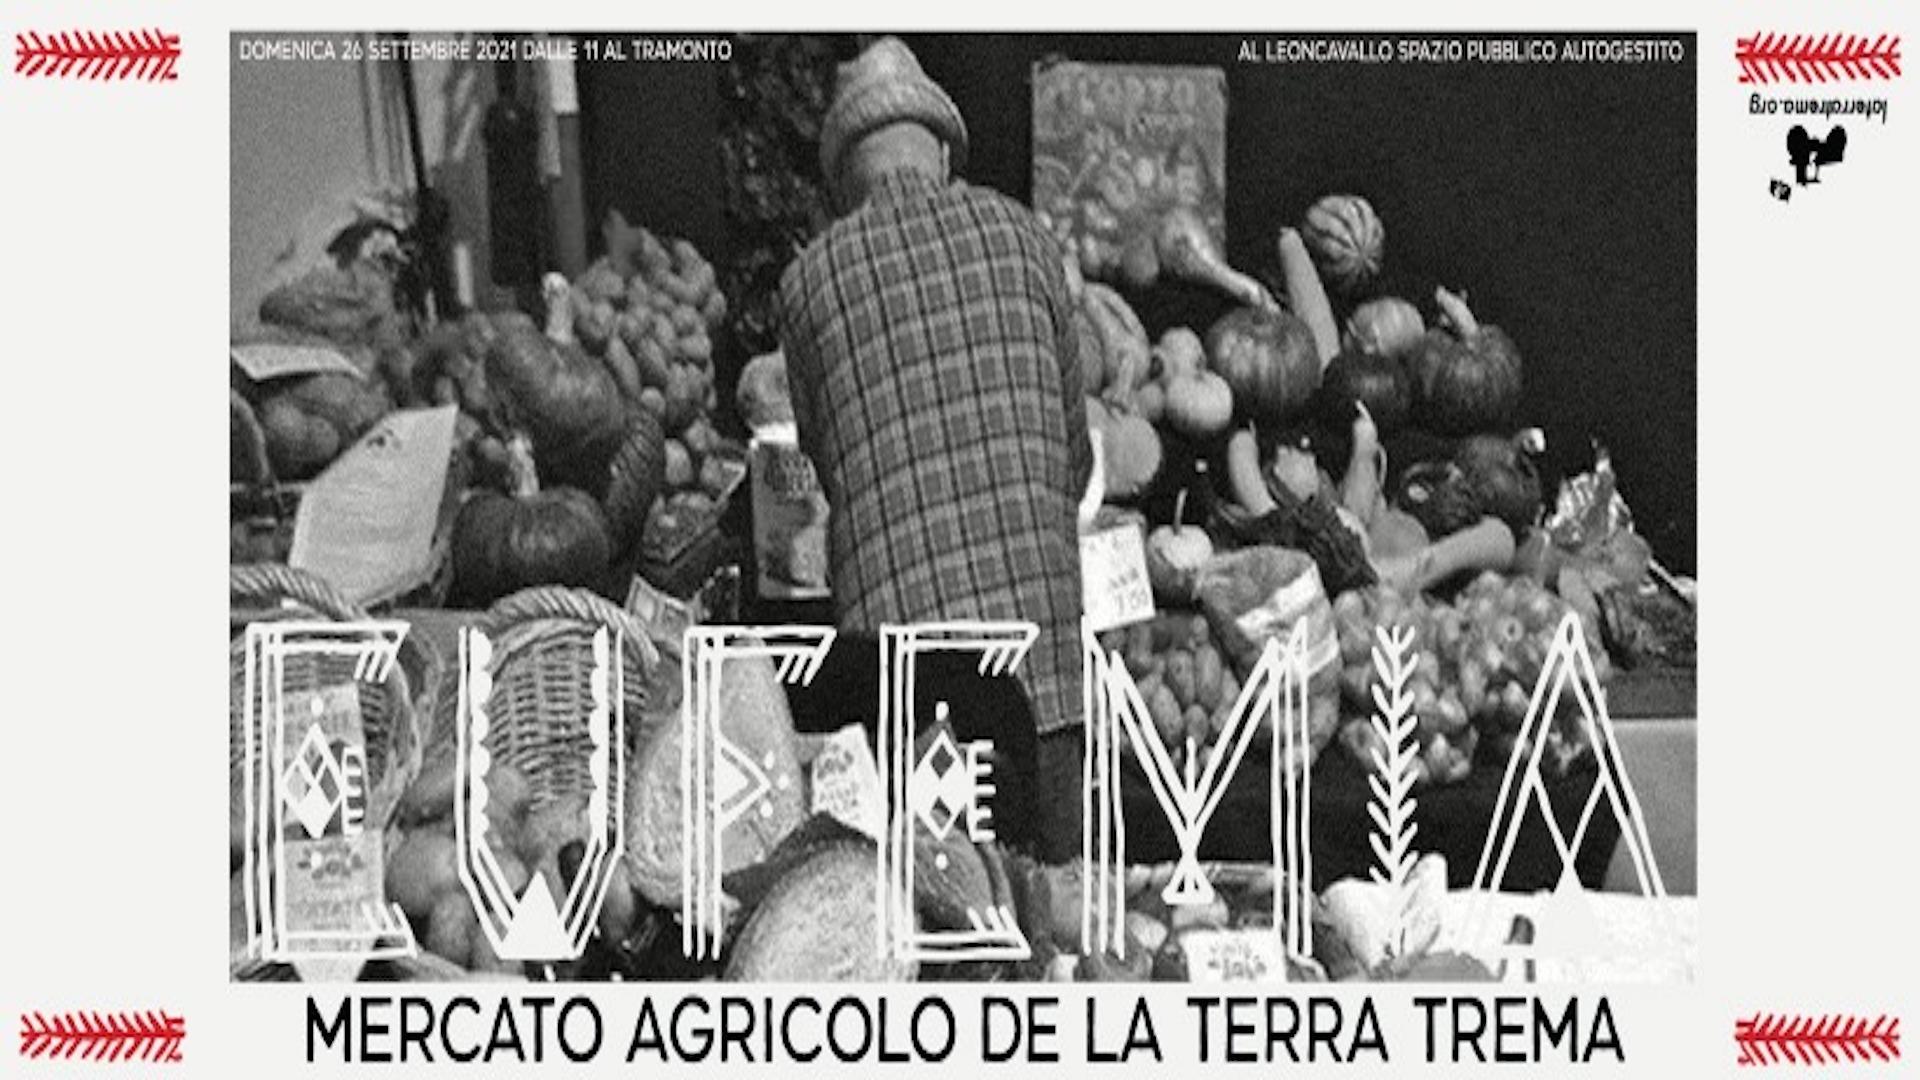 EUFEMIA - MERCATO AGRICOLO DE LA TERRA TREMA